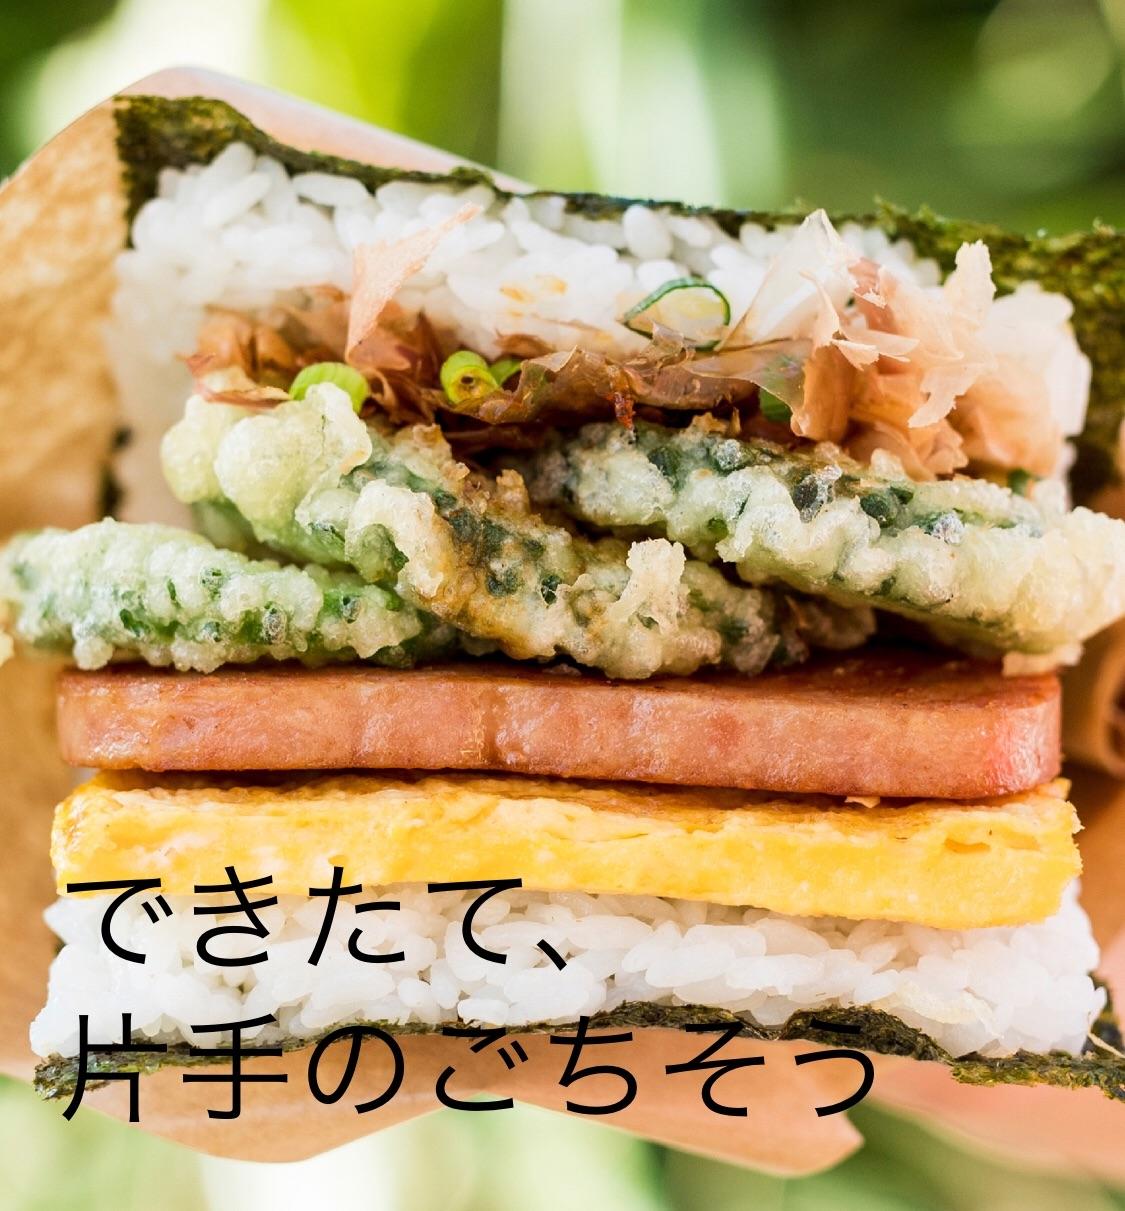 f:id:himasou:20190522112805j:image